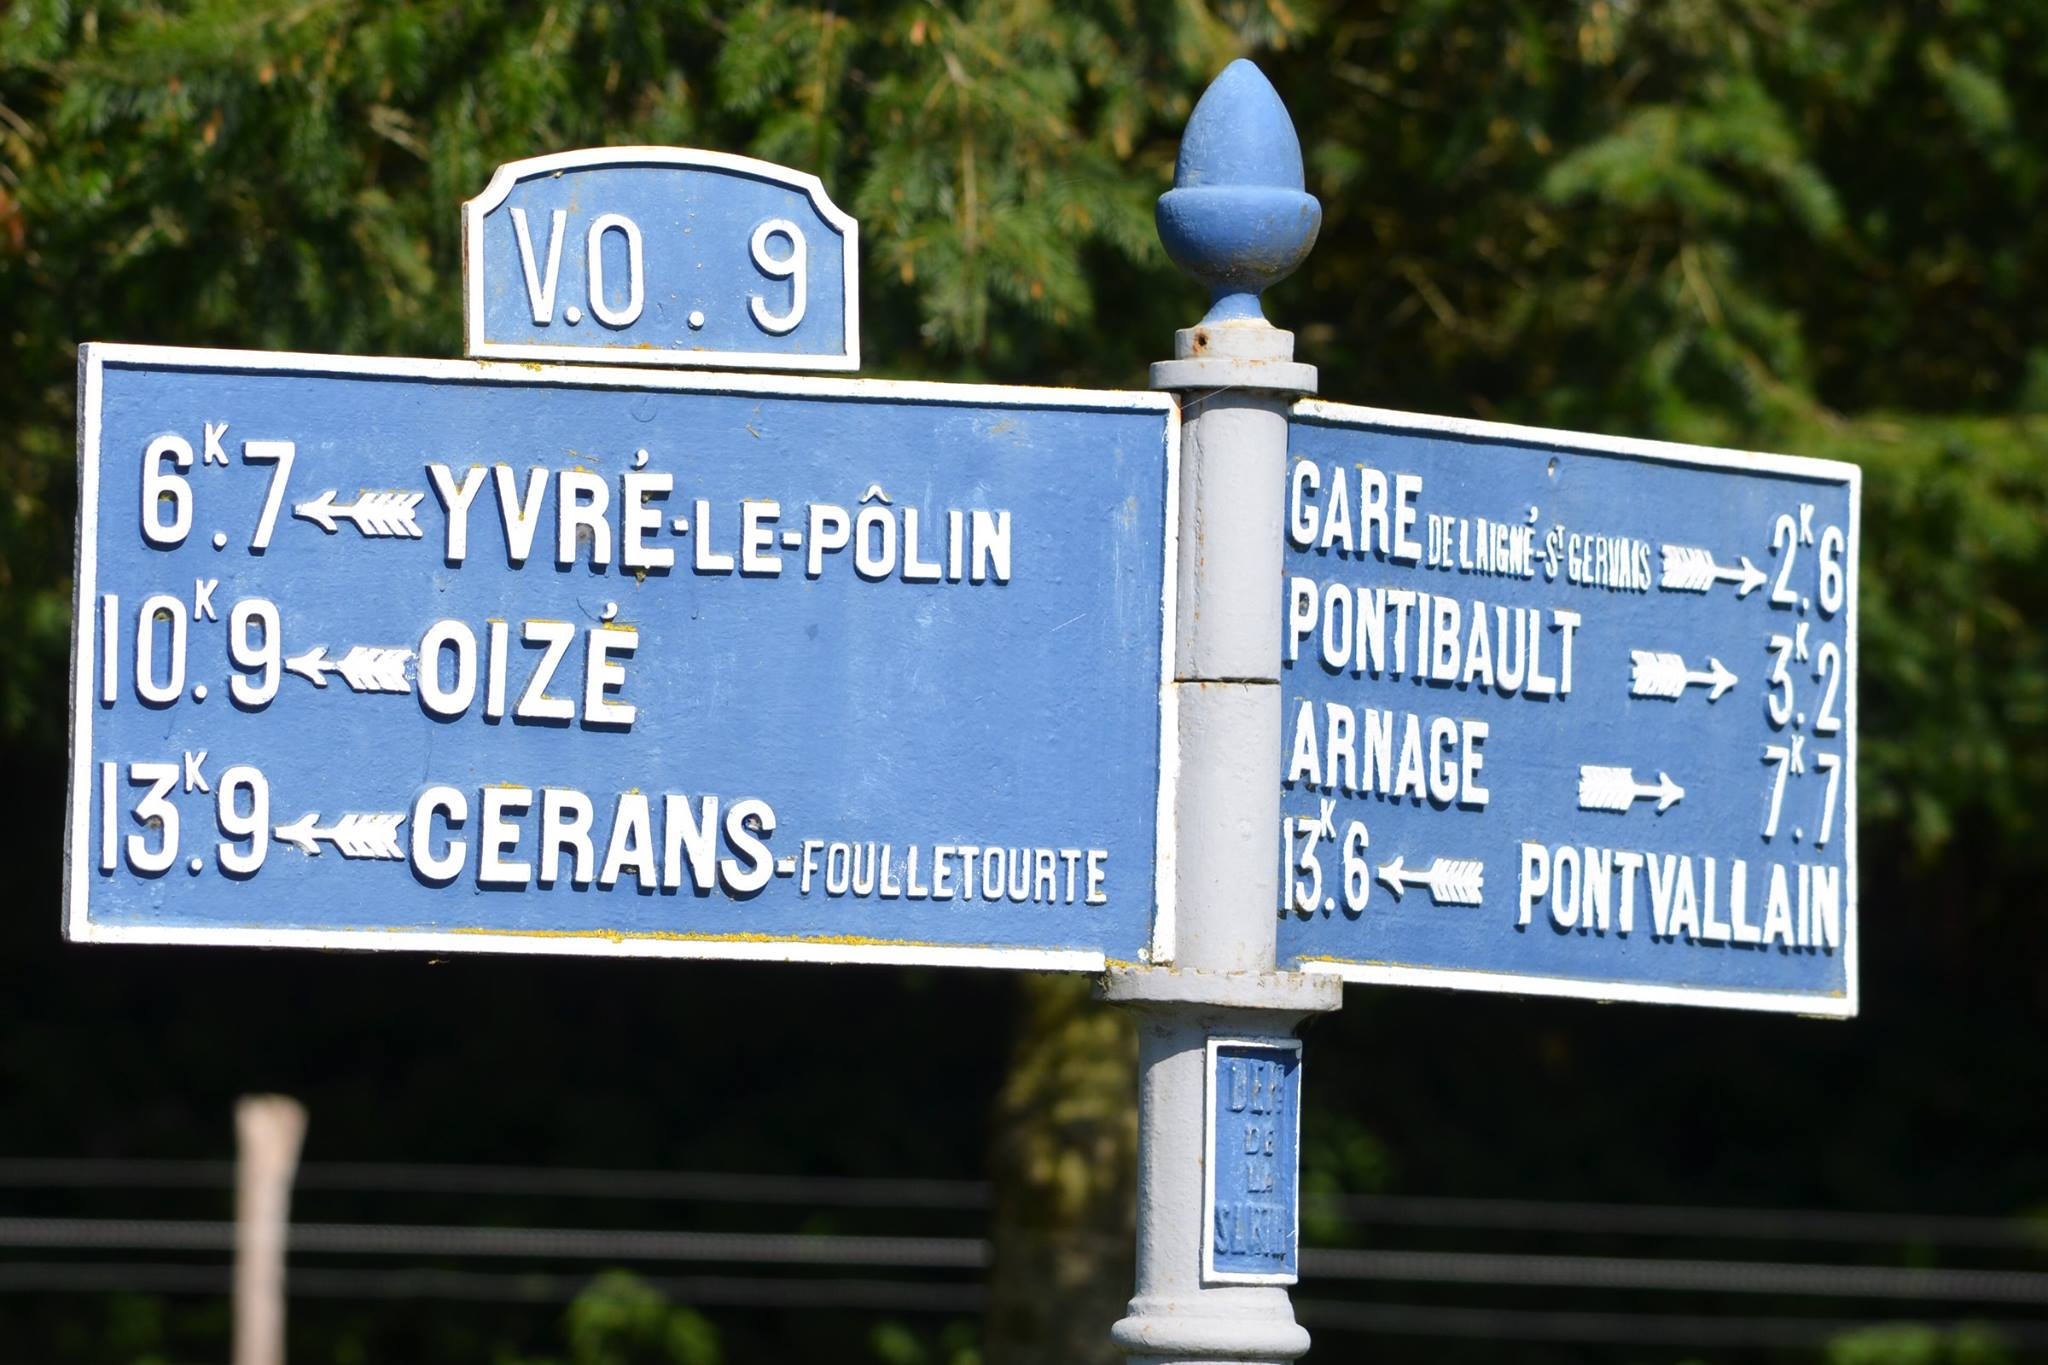 Moncé en Belin, à 500m du bourg - Plaque de cocher - Yvré le Pôlin - Oizé - Cérans Foulletourte - Gare de Laigné Saint Gervais - Pontibault - Arnage - Pontvallain (San Doni)